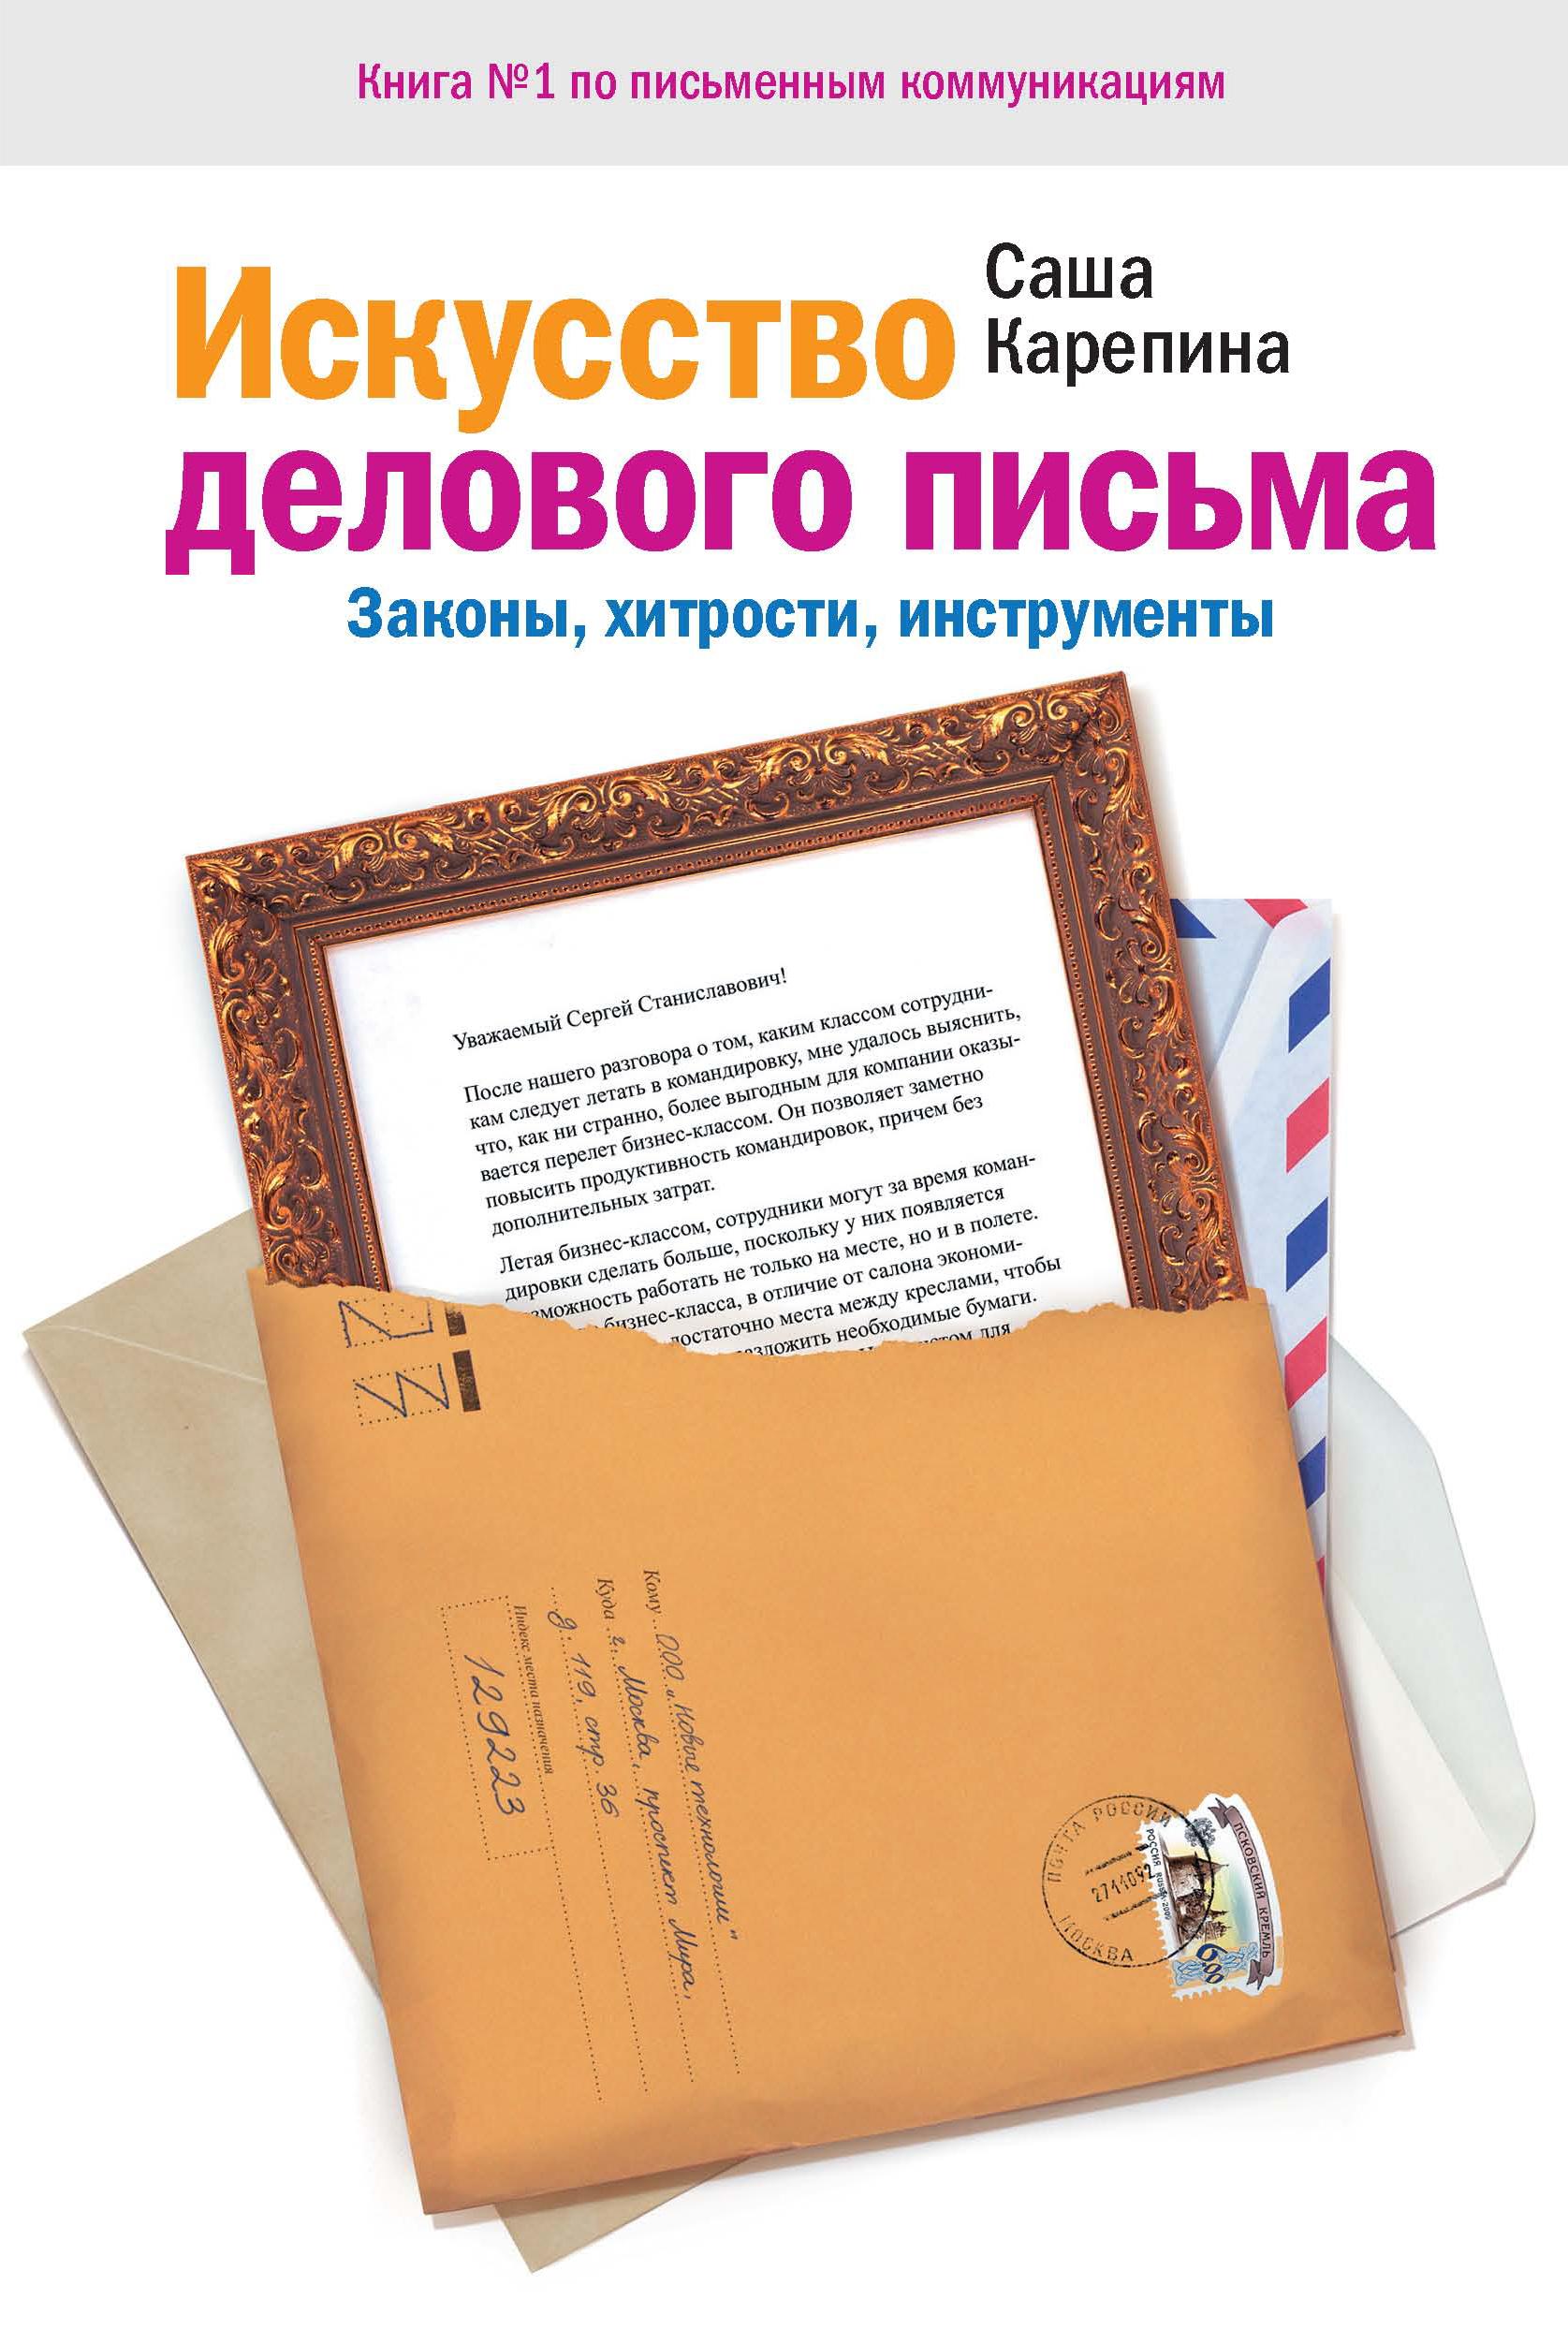 Искусство делового письма от book24.ru